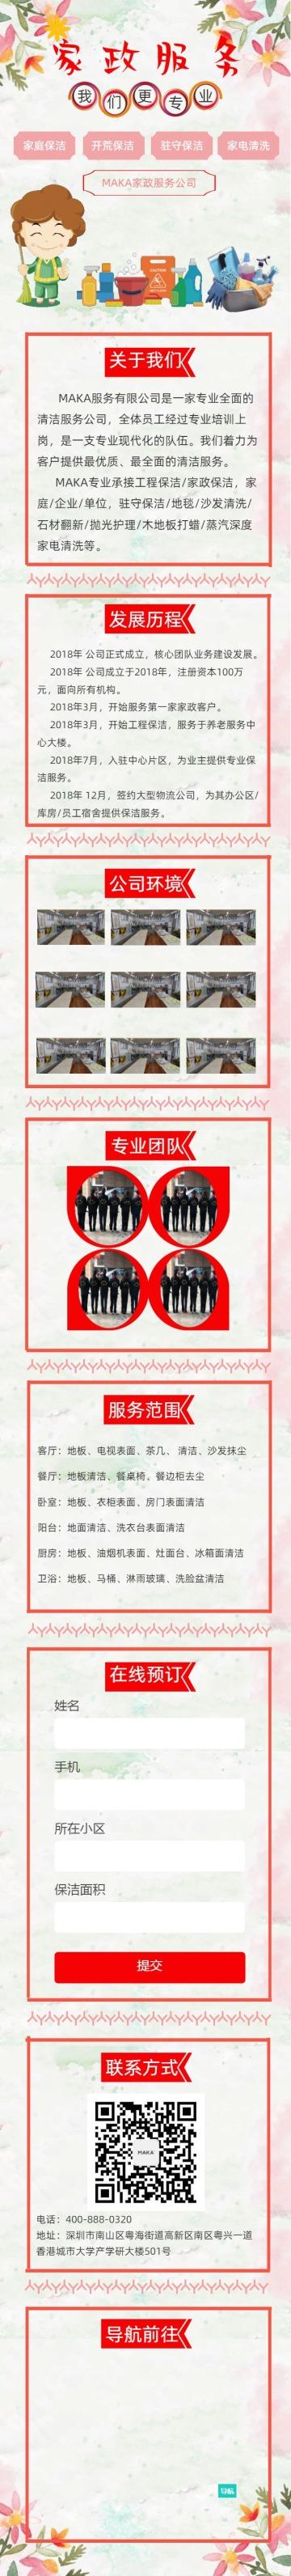 清新美观家政清洁保洁服务公司企业简介及宣传推广长页H5